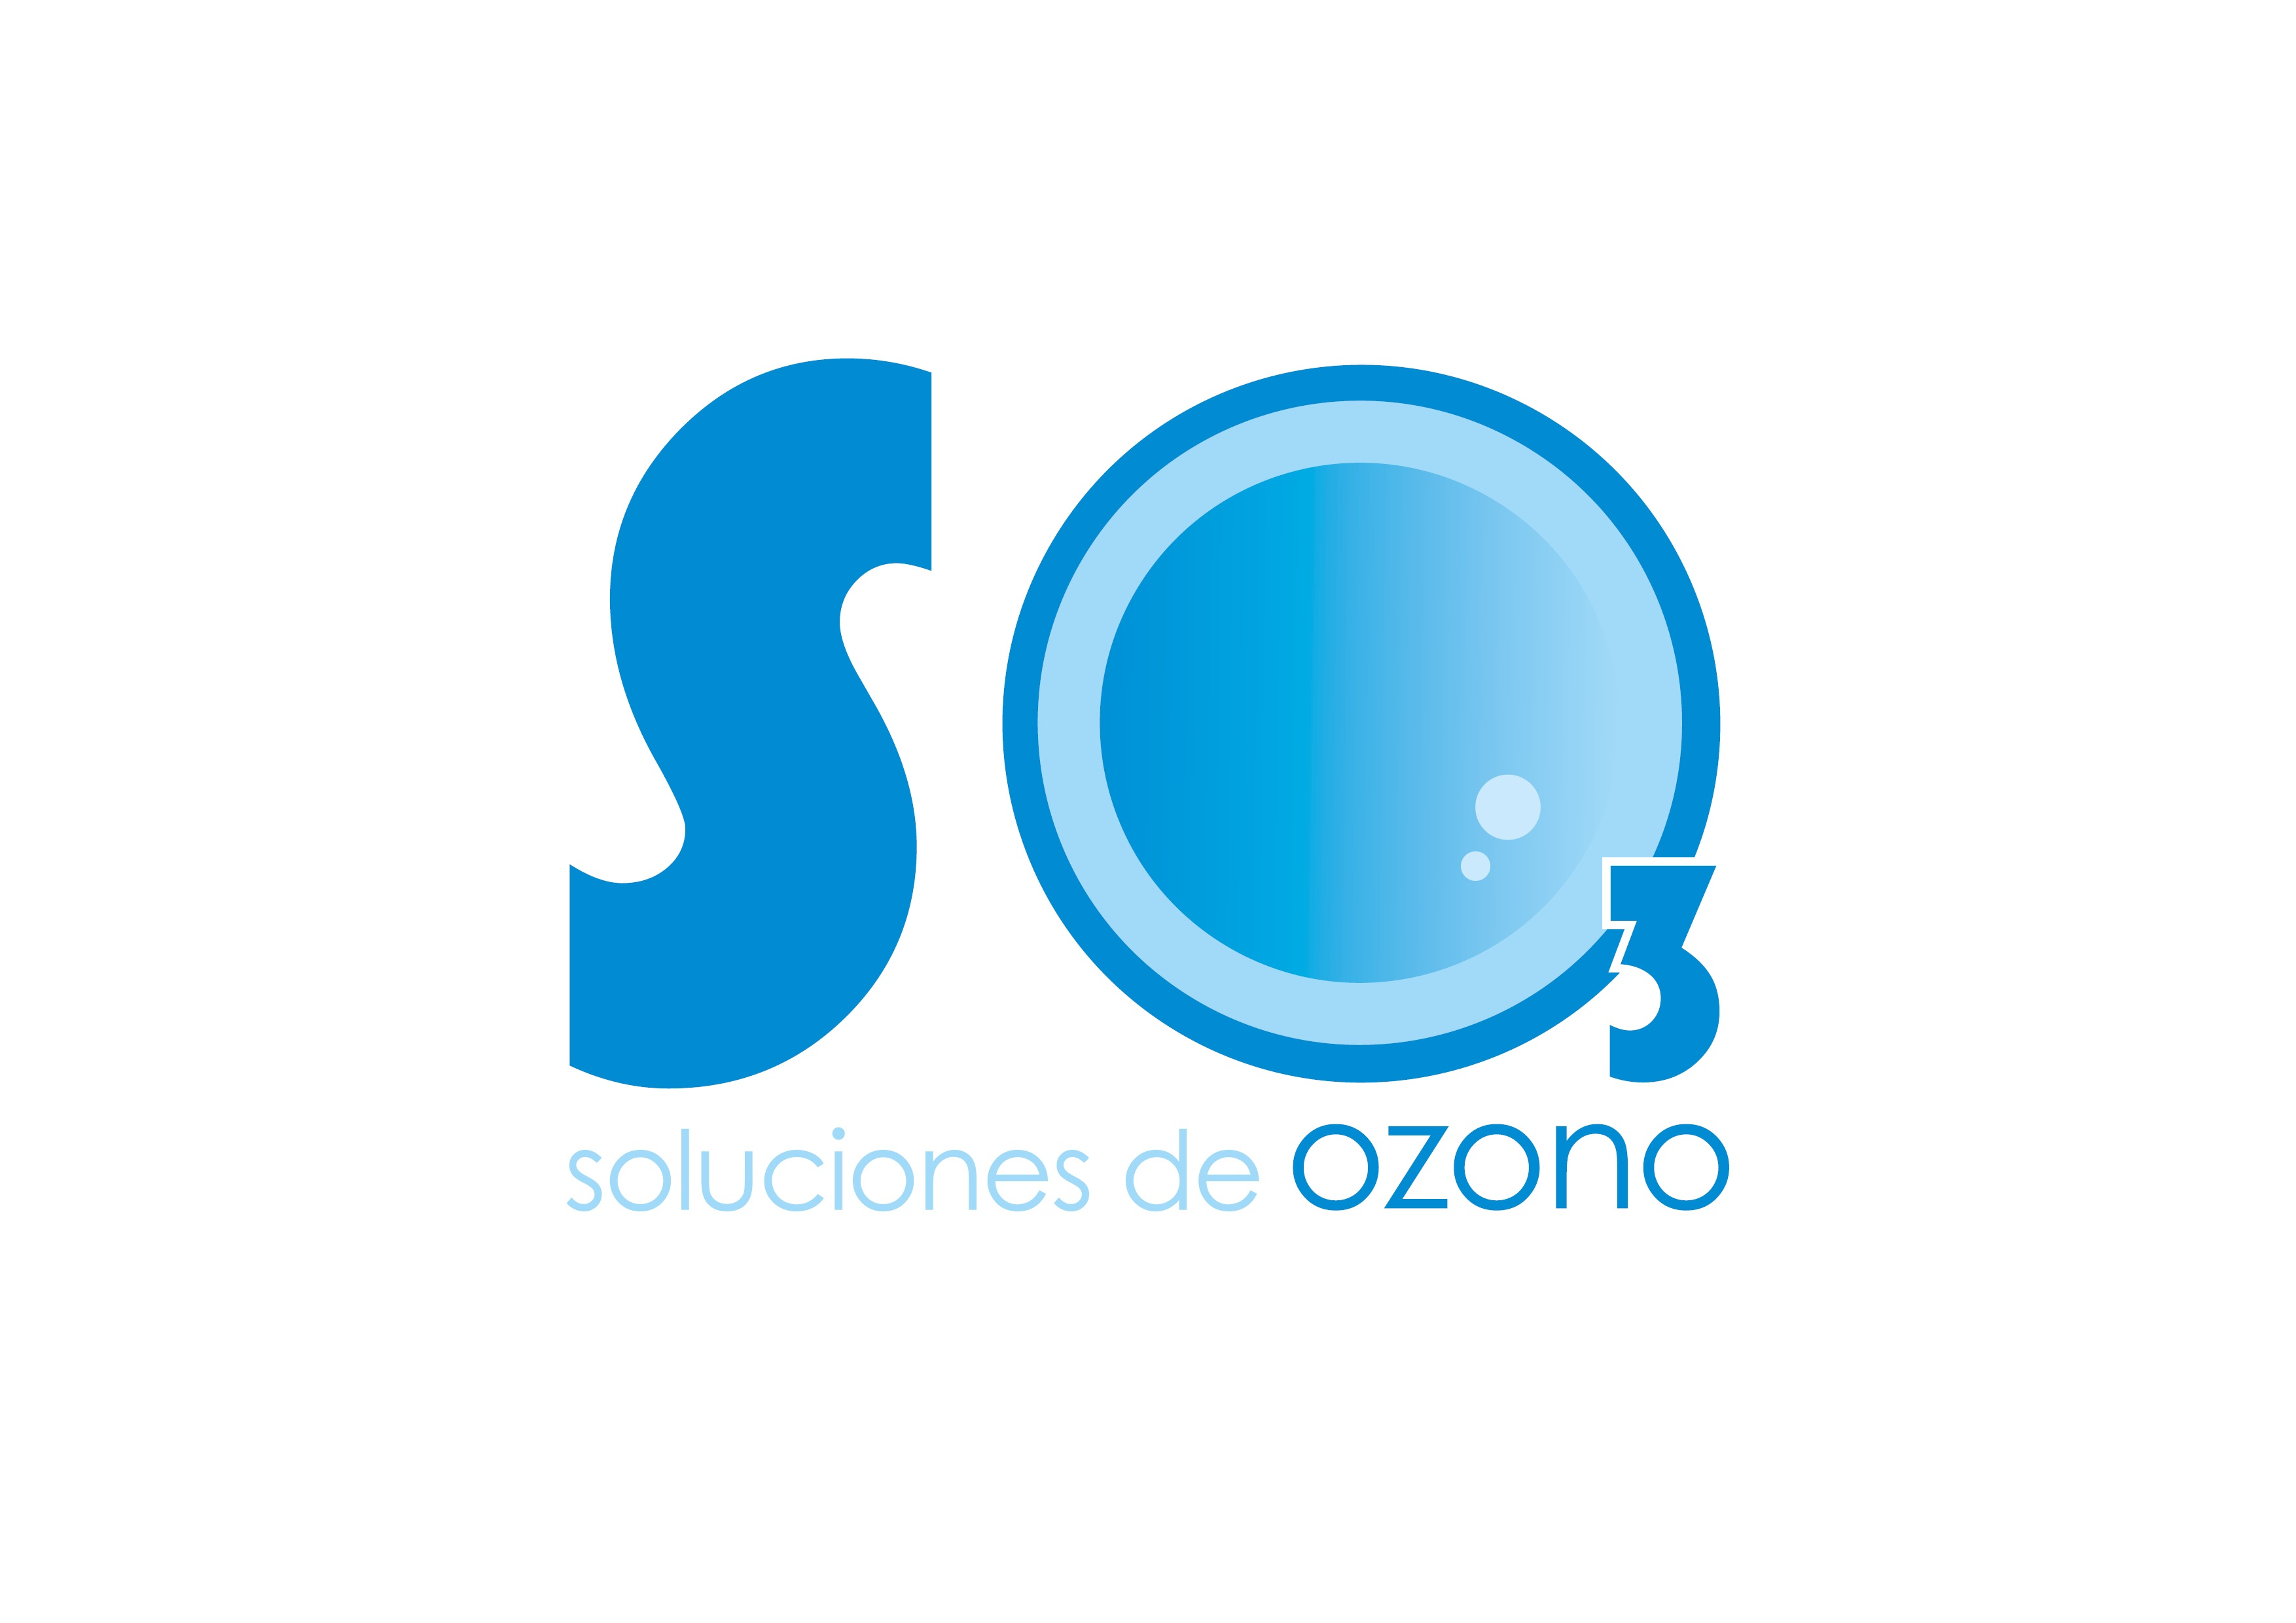 SO Soluciones de Ozono